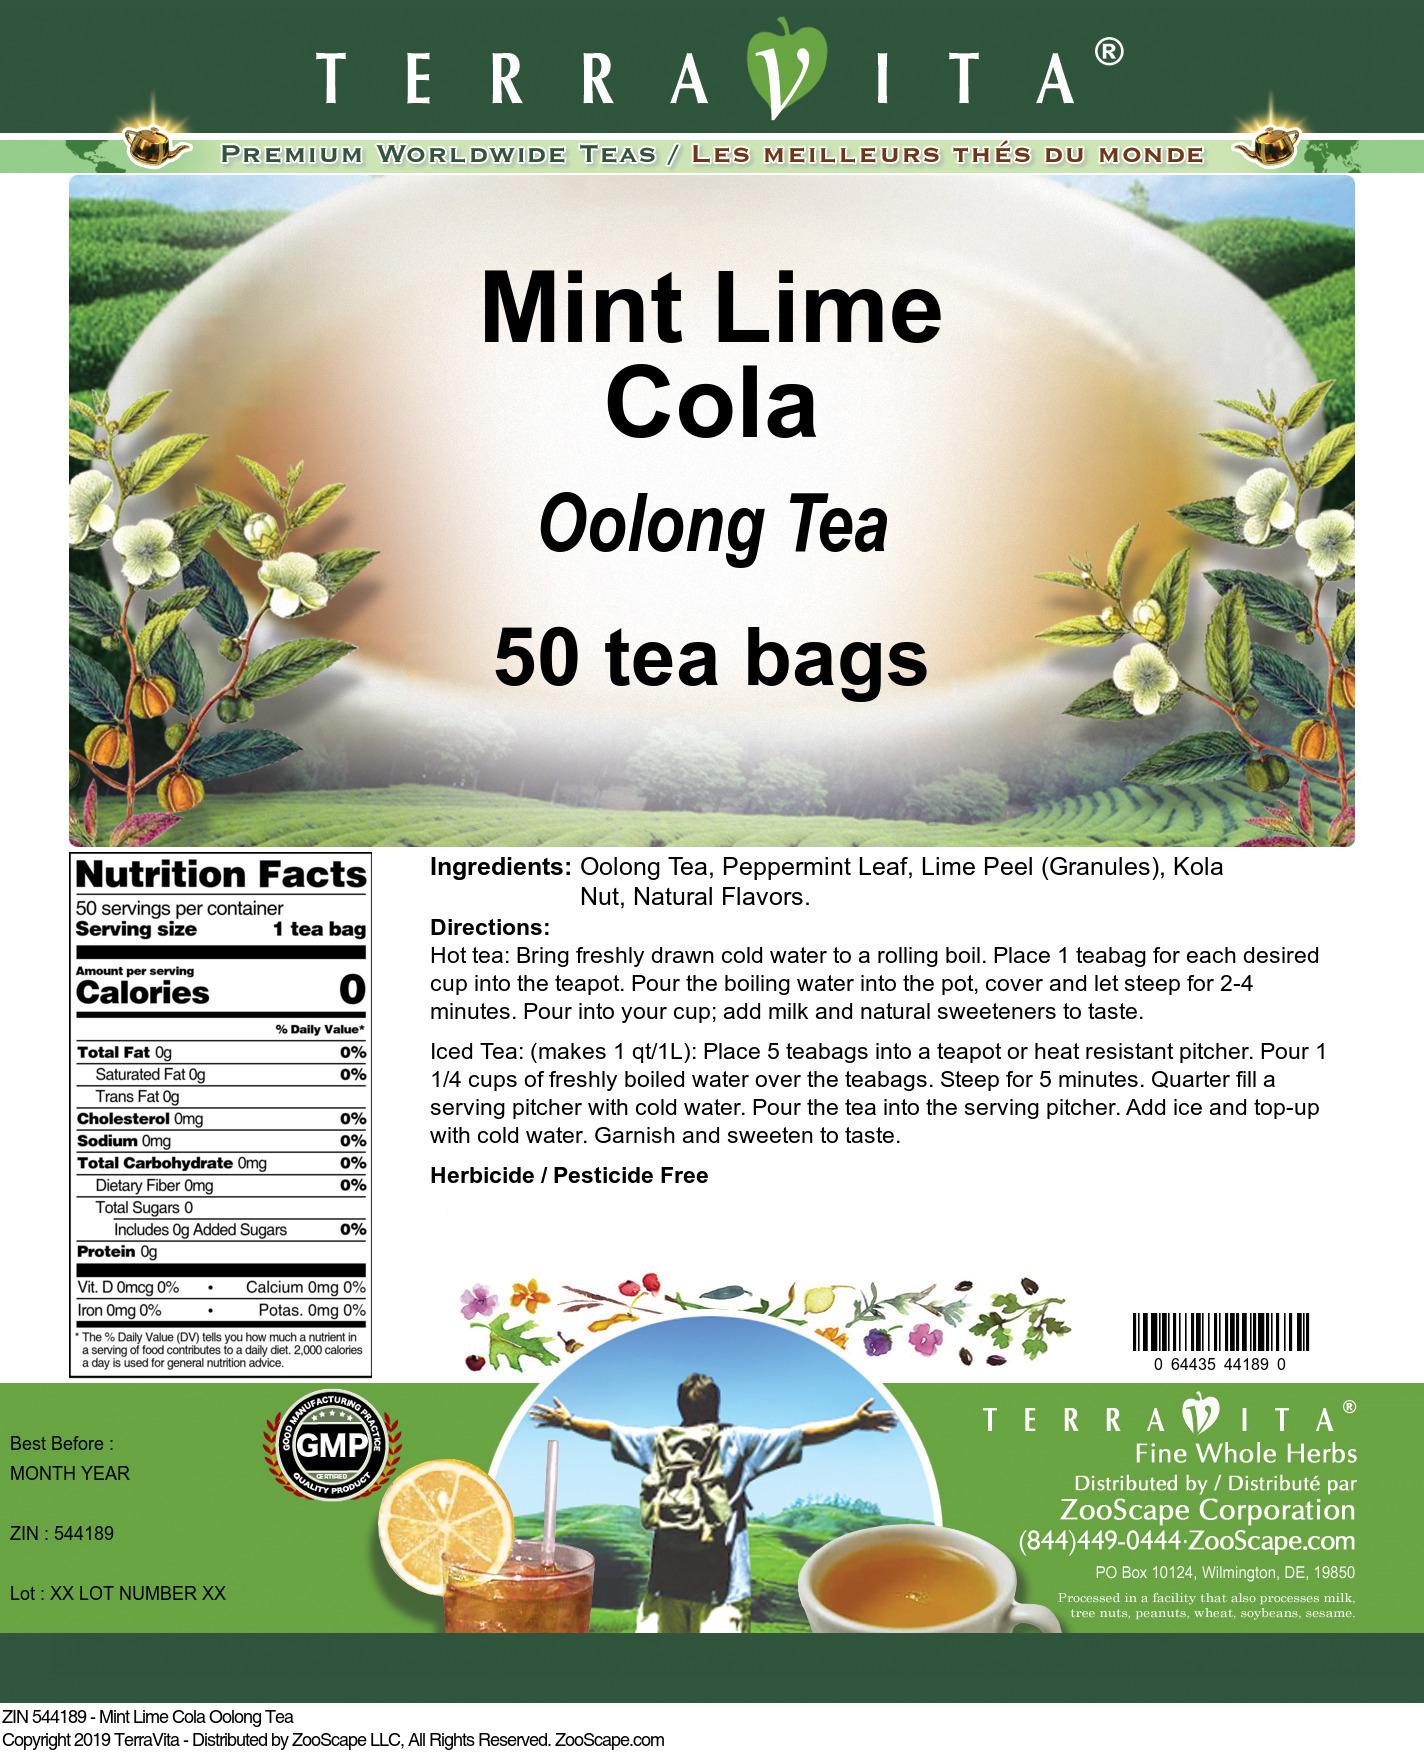 Mint Lime Cola Oolong Tea